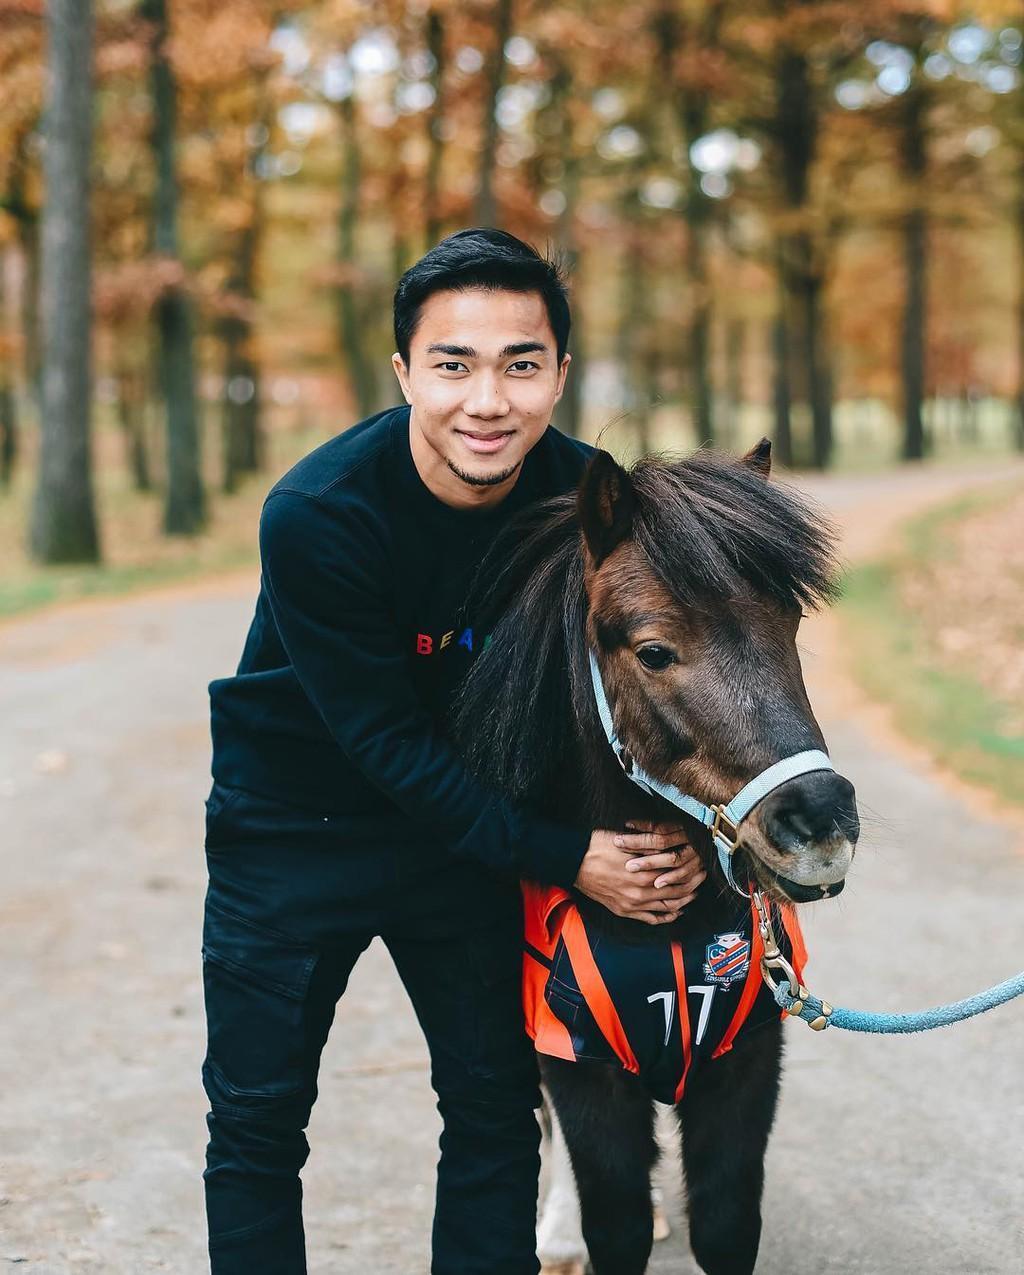 Nhật Bản đẹp mơ màng trong ảnh check-in của Chanathip Ảnh 3